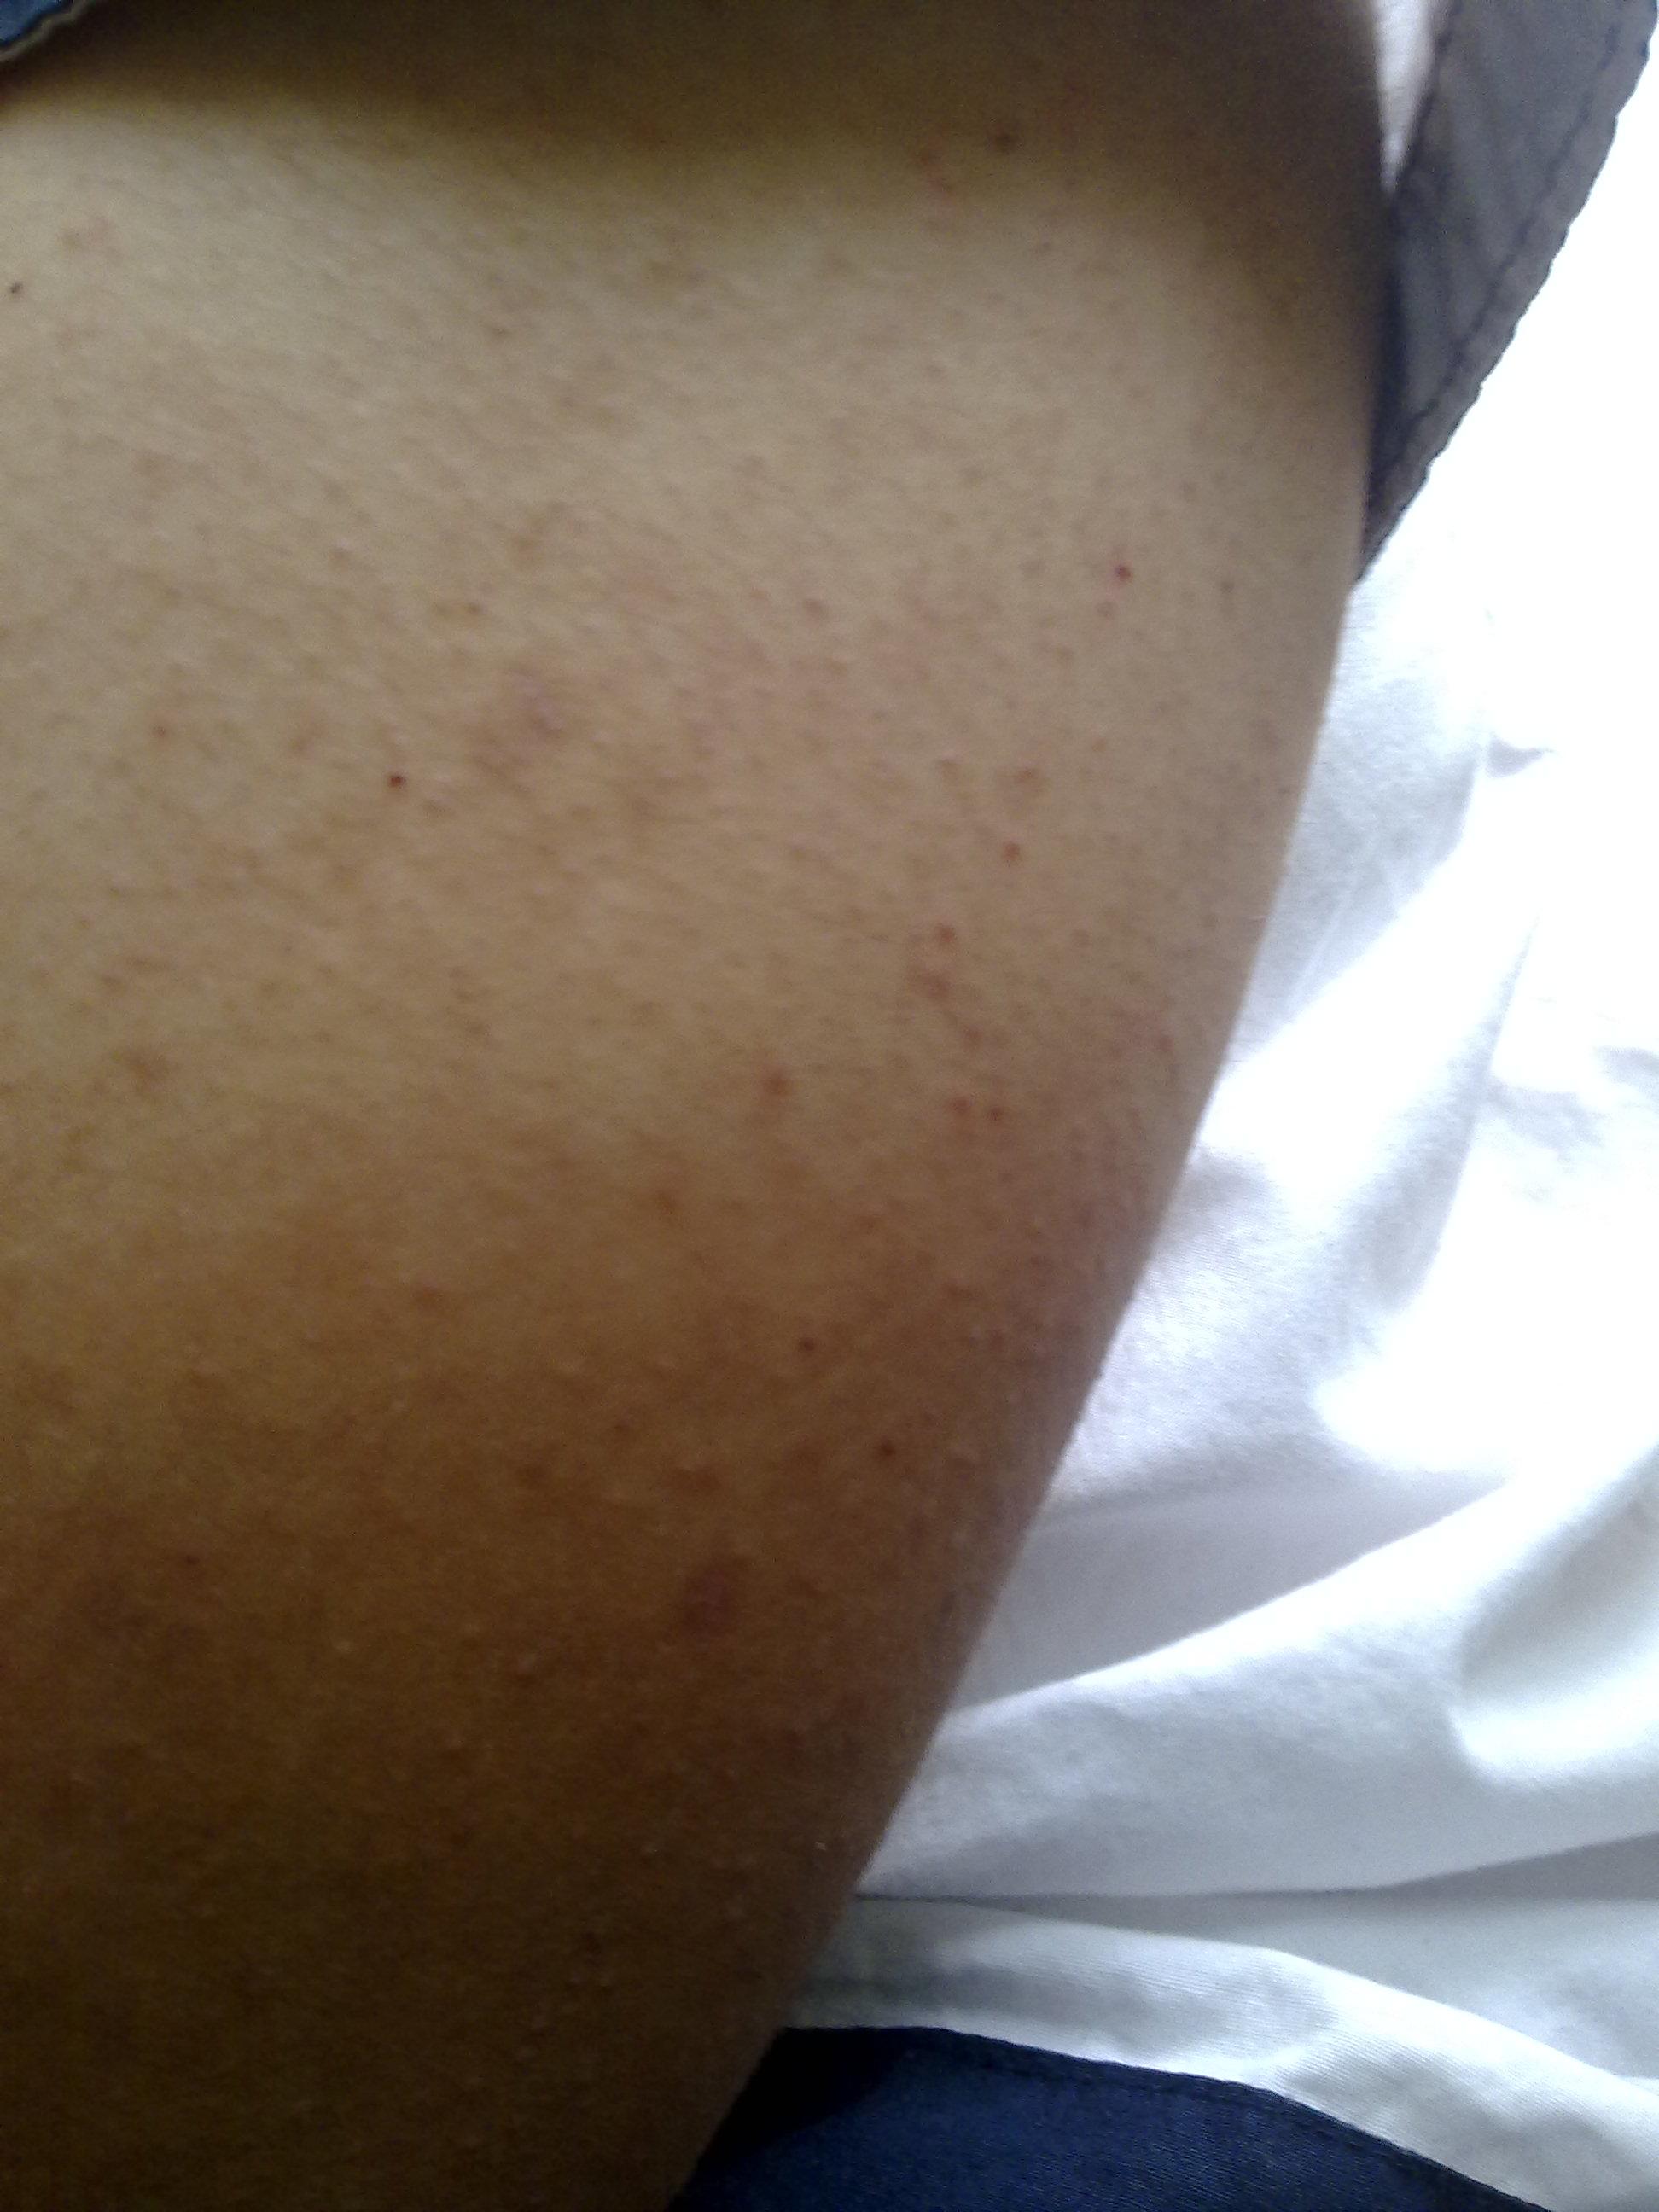 帮忙看看这是什么皮肤病图片